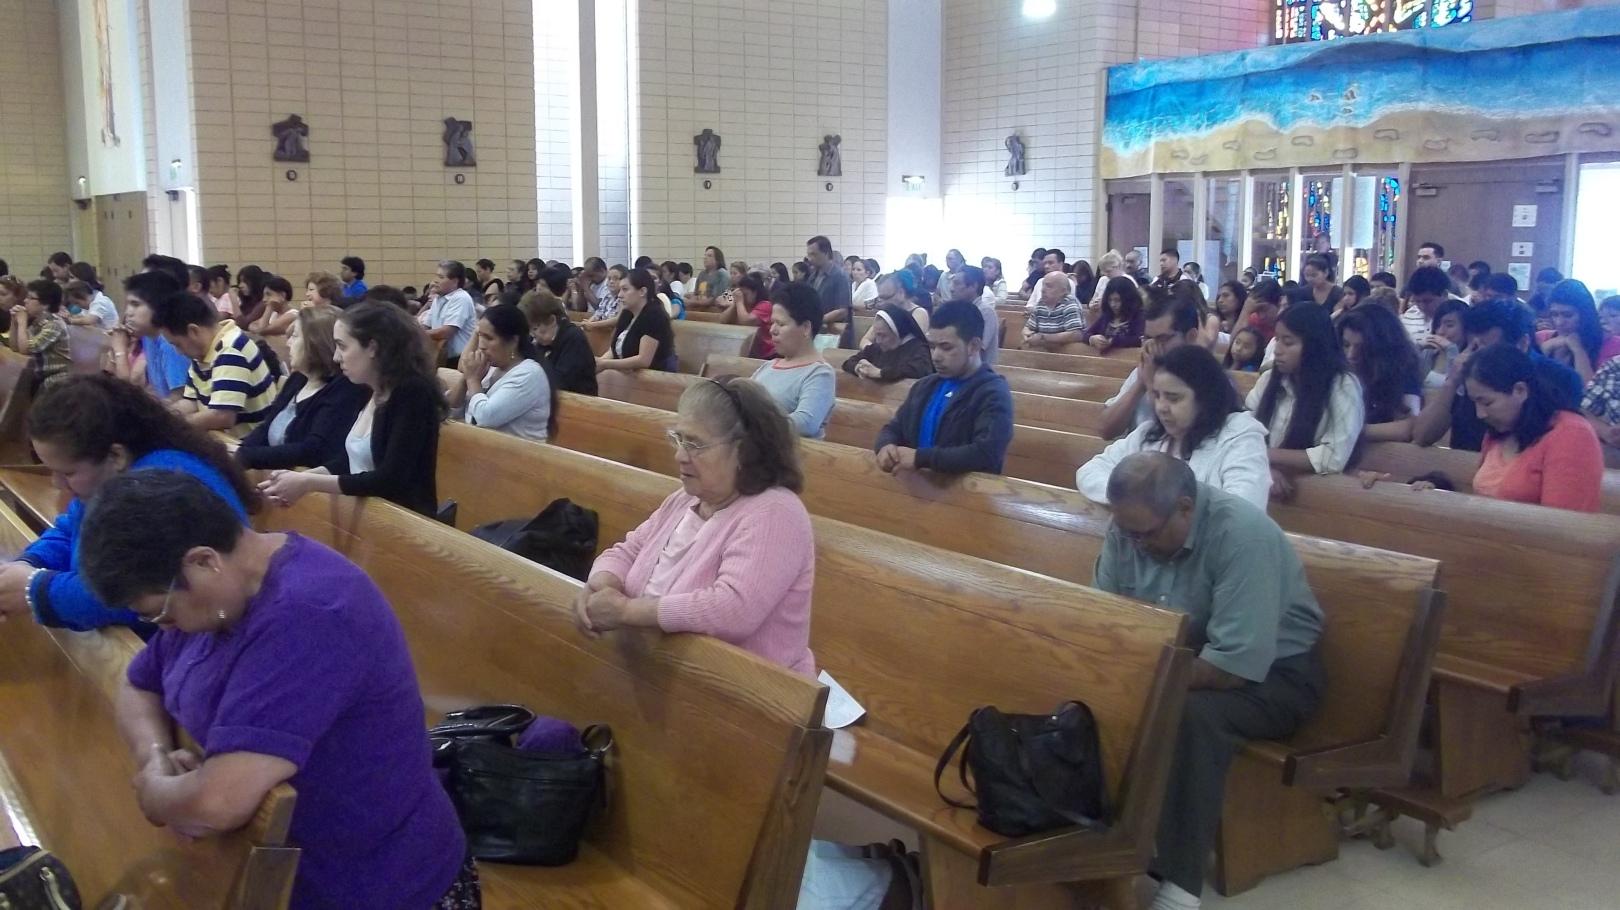 Feligreses oraron por el bienestar de la comunidad inmigrante y la aprobación de una reforma migratoria en la Iglesia de San Sebastian, al Oeste de Los Ángeles. Fotografía: La Voz